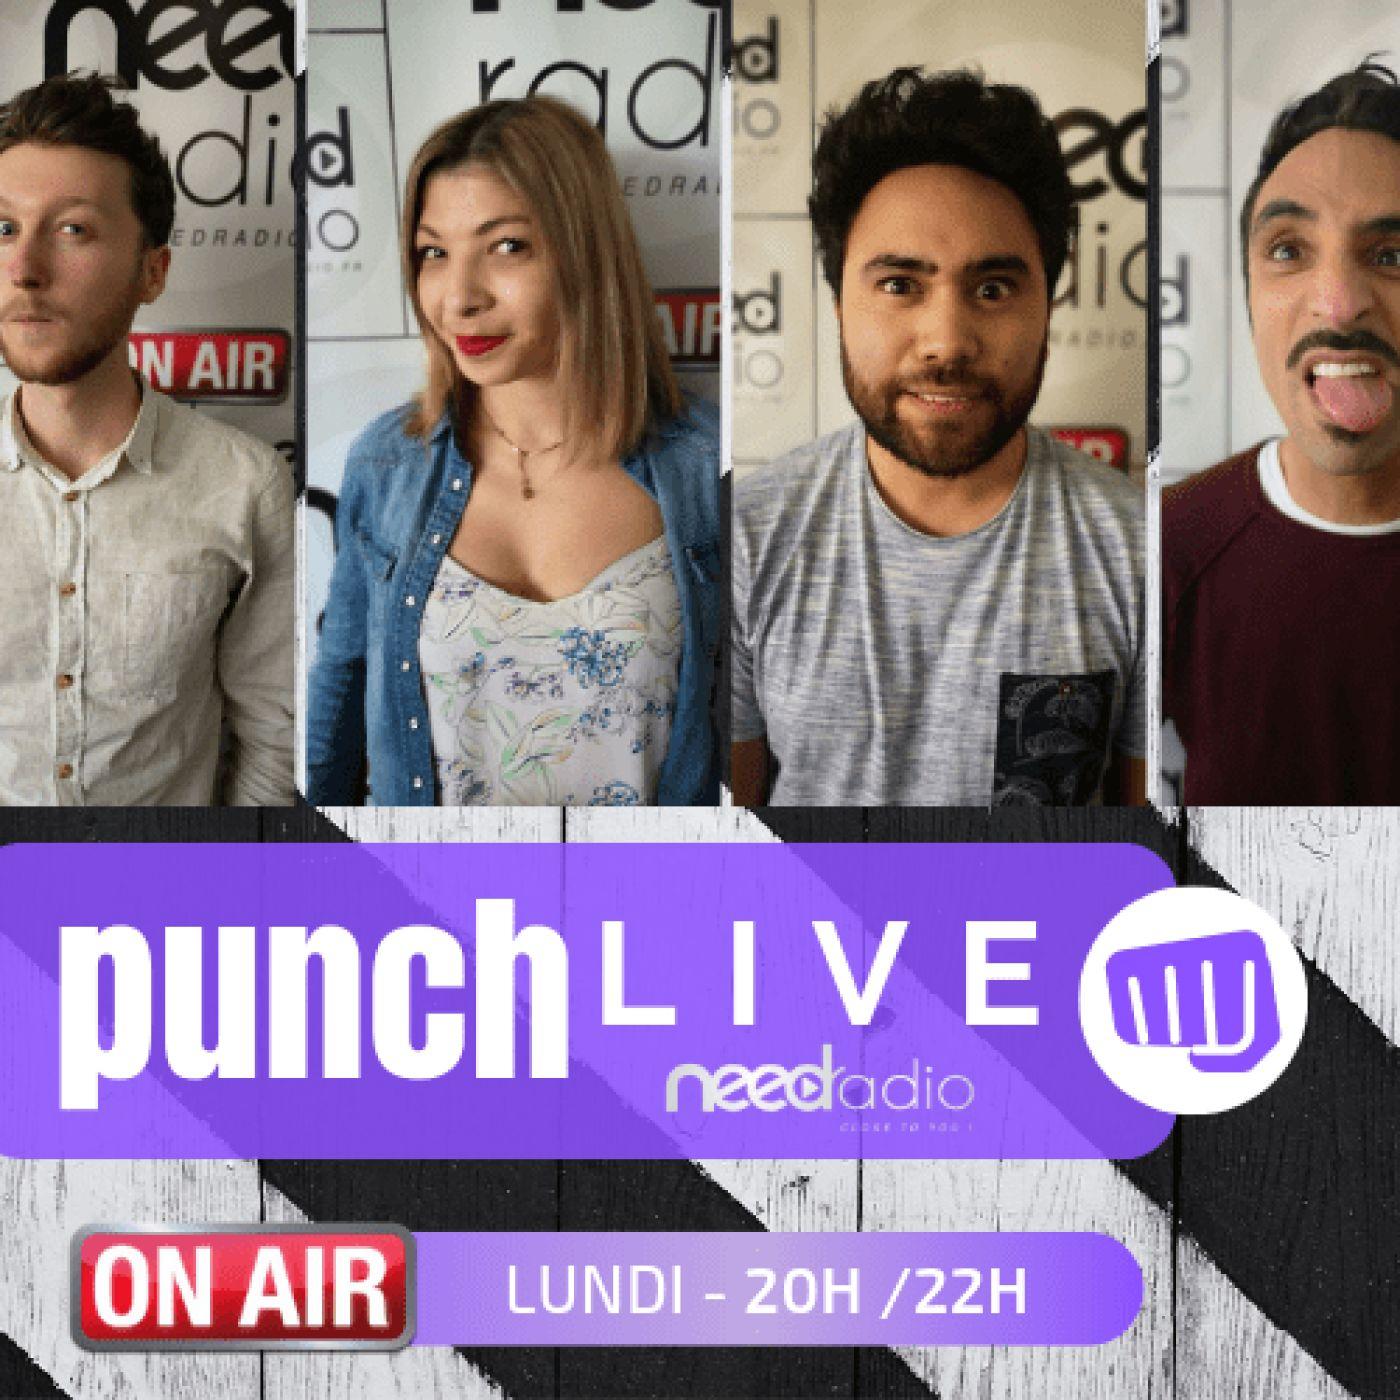 Punch Live (avec Quentin et son équipe) (23/09/19)